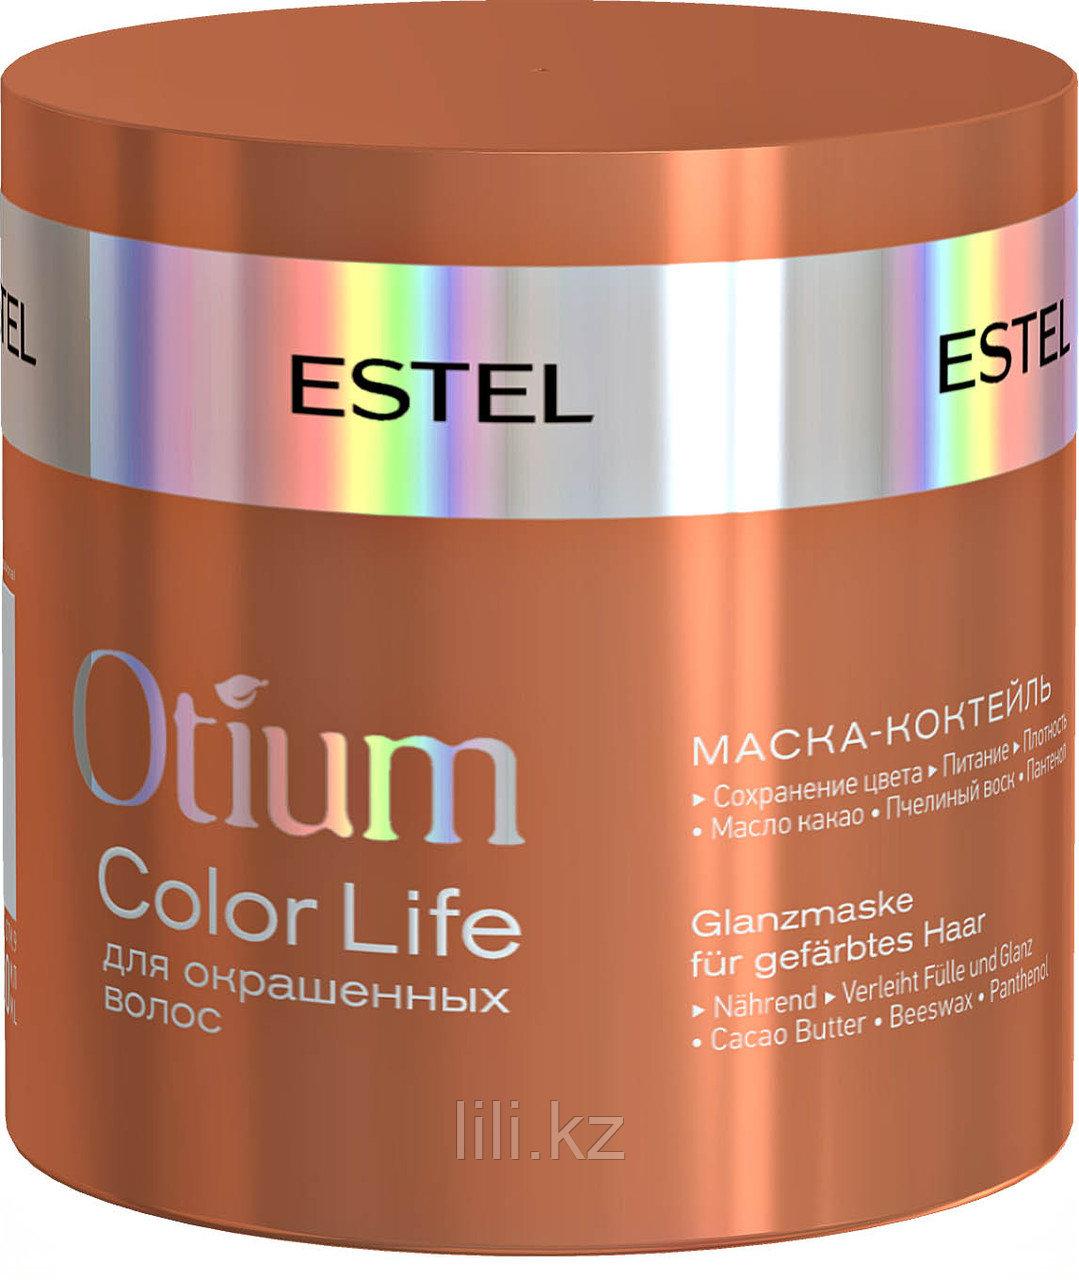 Маска-коктейль для окрашенных волос OTIUM COLOR LIFE, 300 мл.